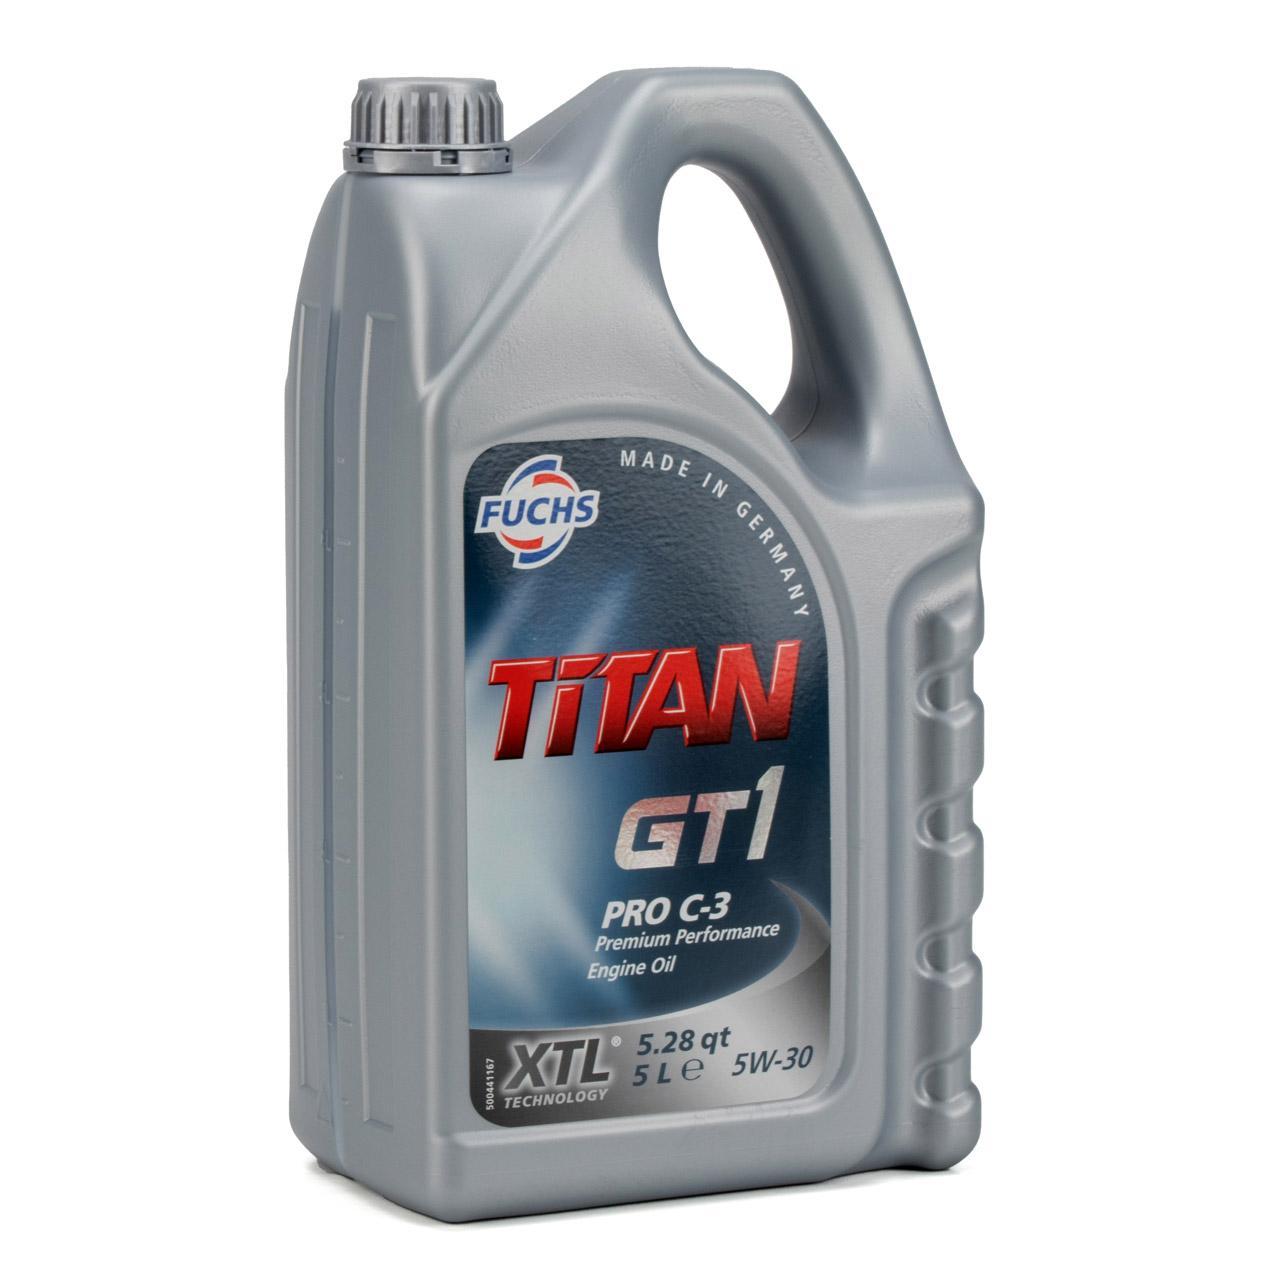 FUCHS MOTORÖL TITAN GT1 Pro C-3 5W30 5W-30 VW 504.00 507.00 MB 229.51 5L 5 Liter